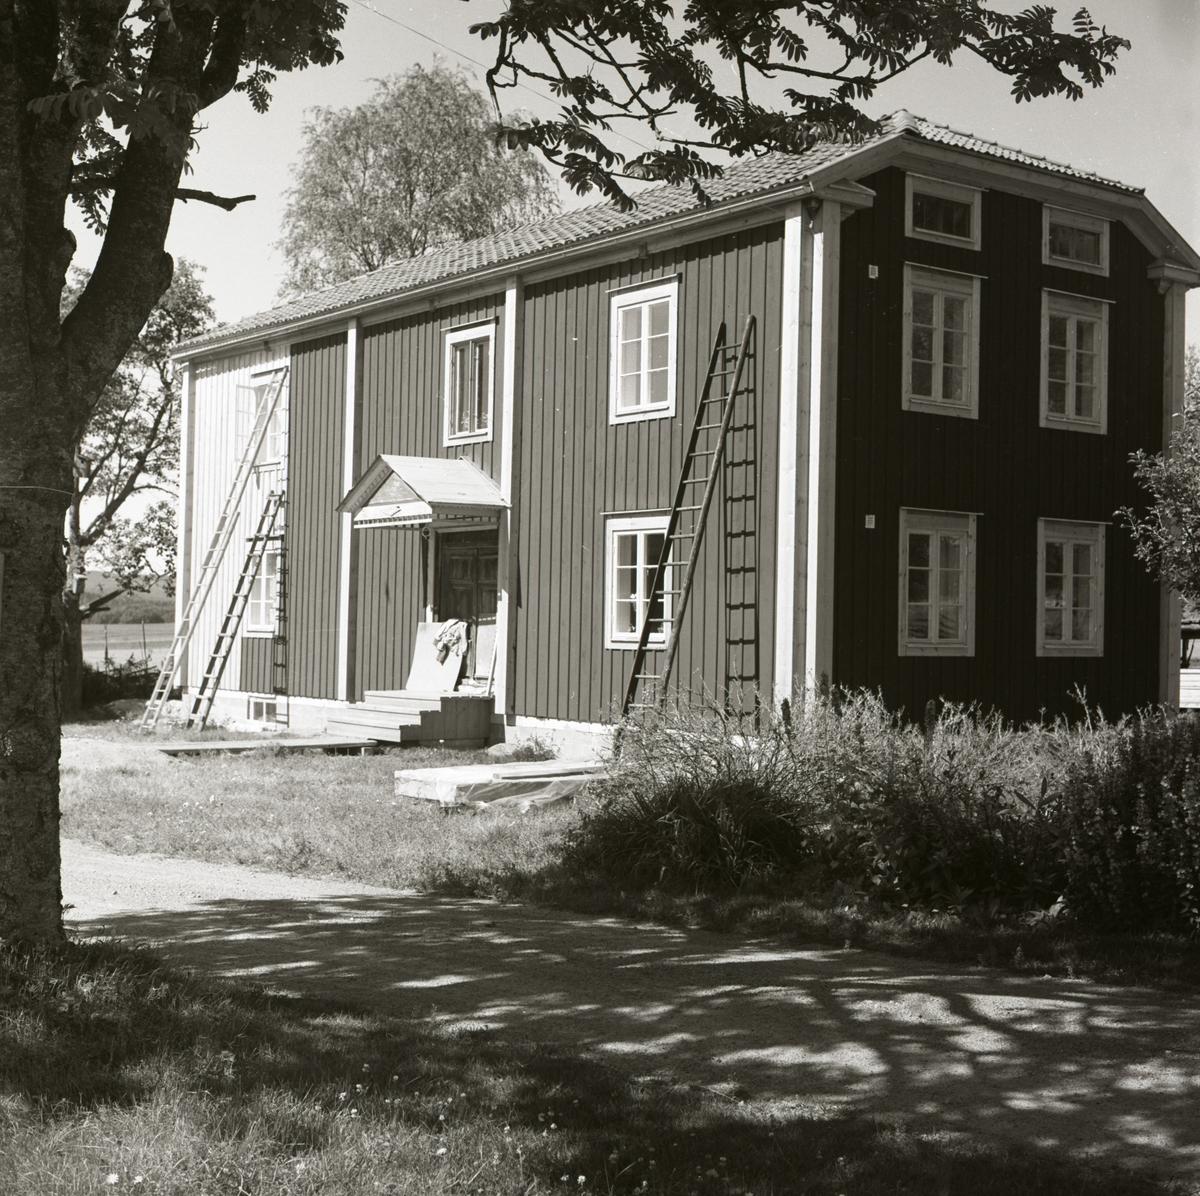 Bostadshuset vid gården Sunnanåker under pågående målningsarbete.